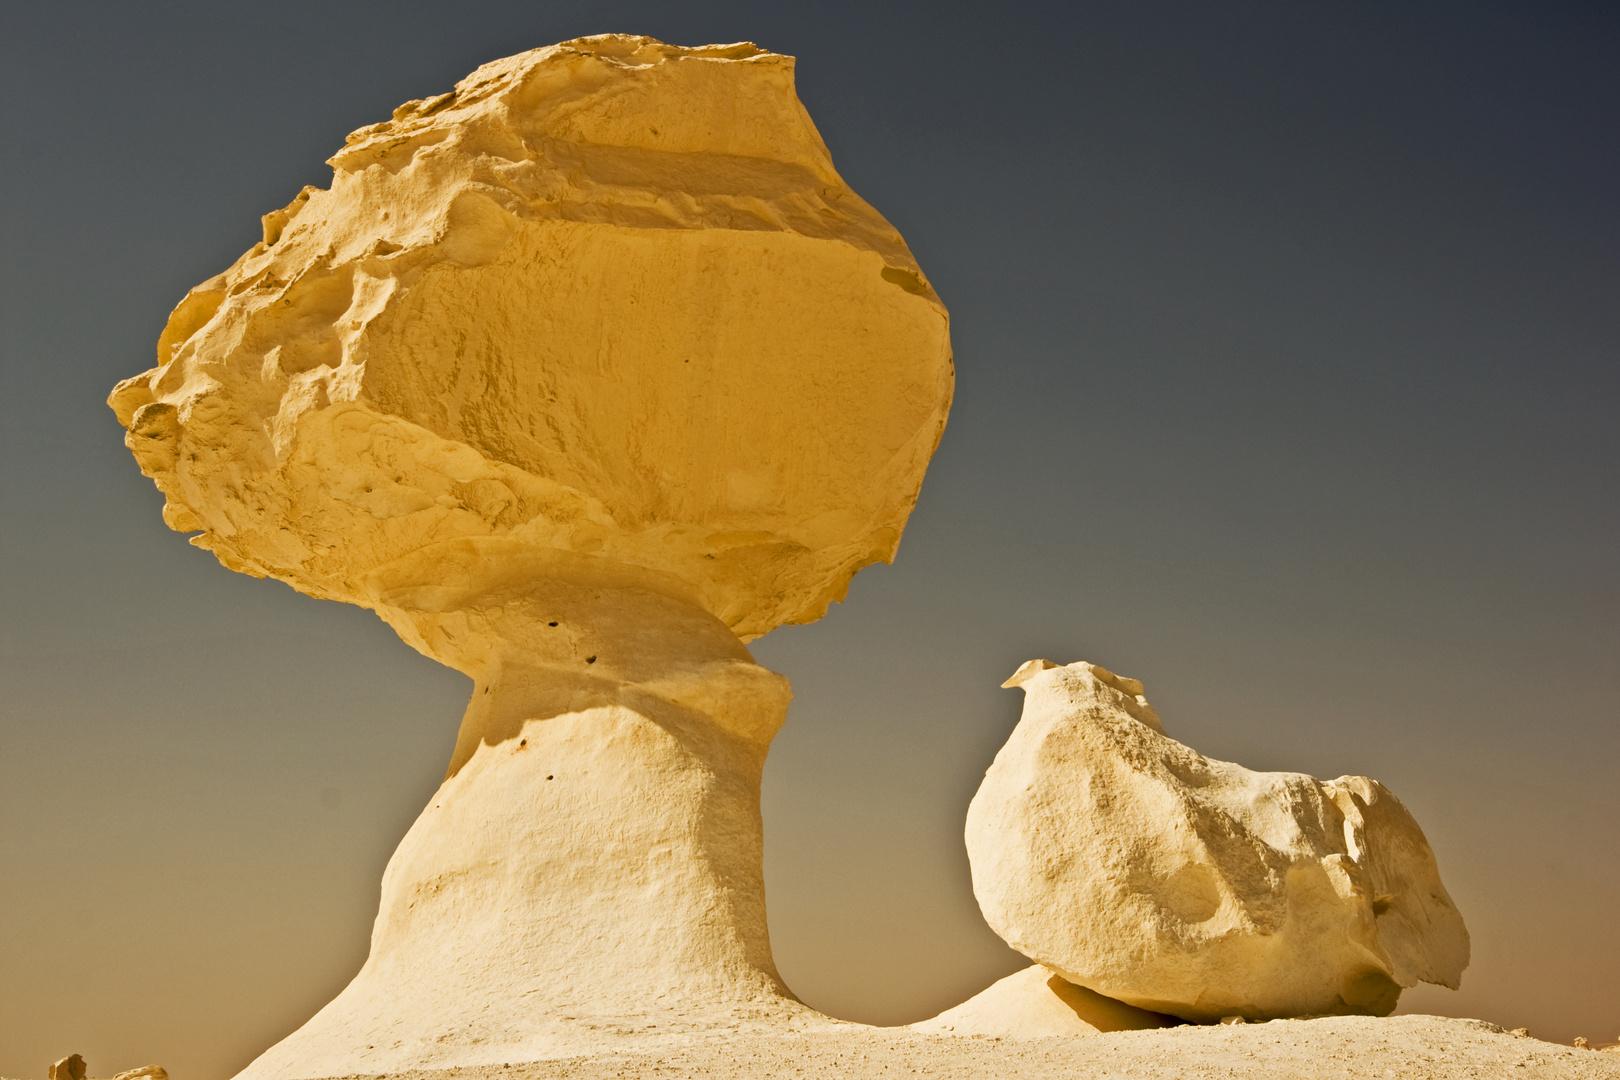 Das Huhn unter dem Stein